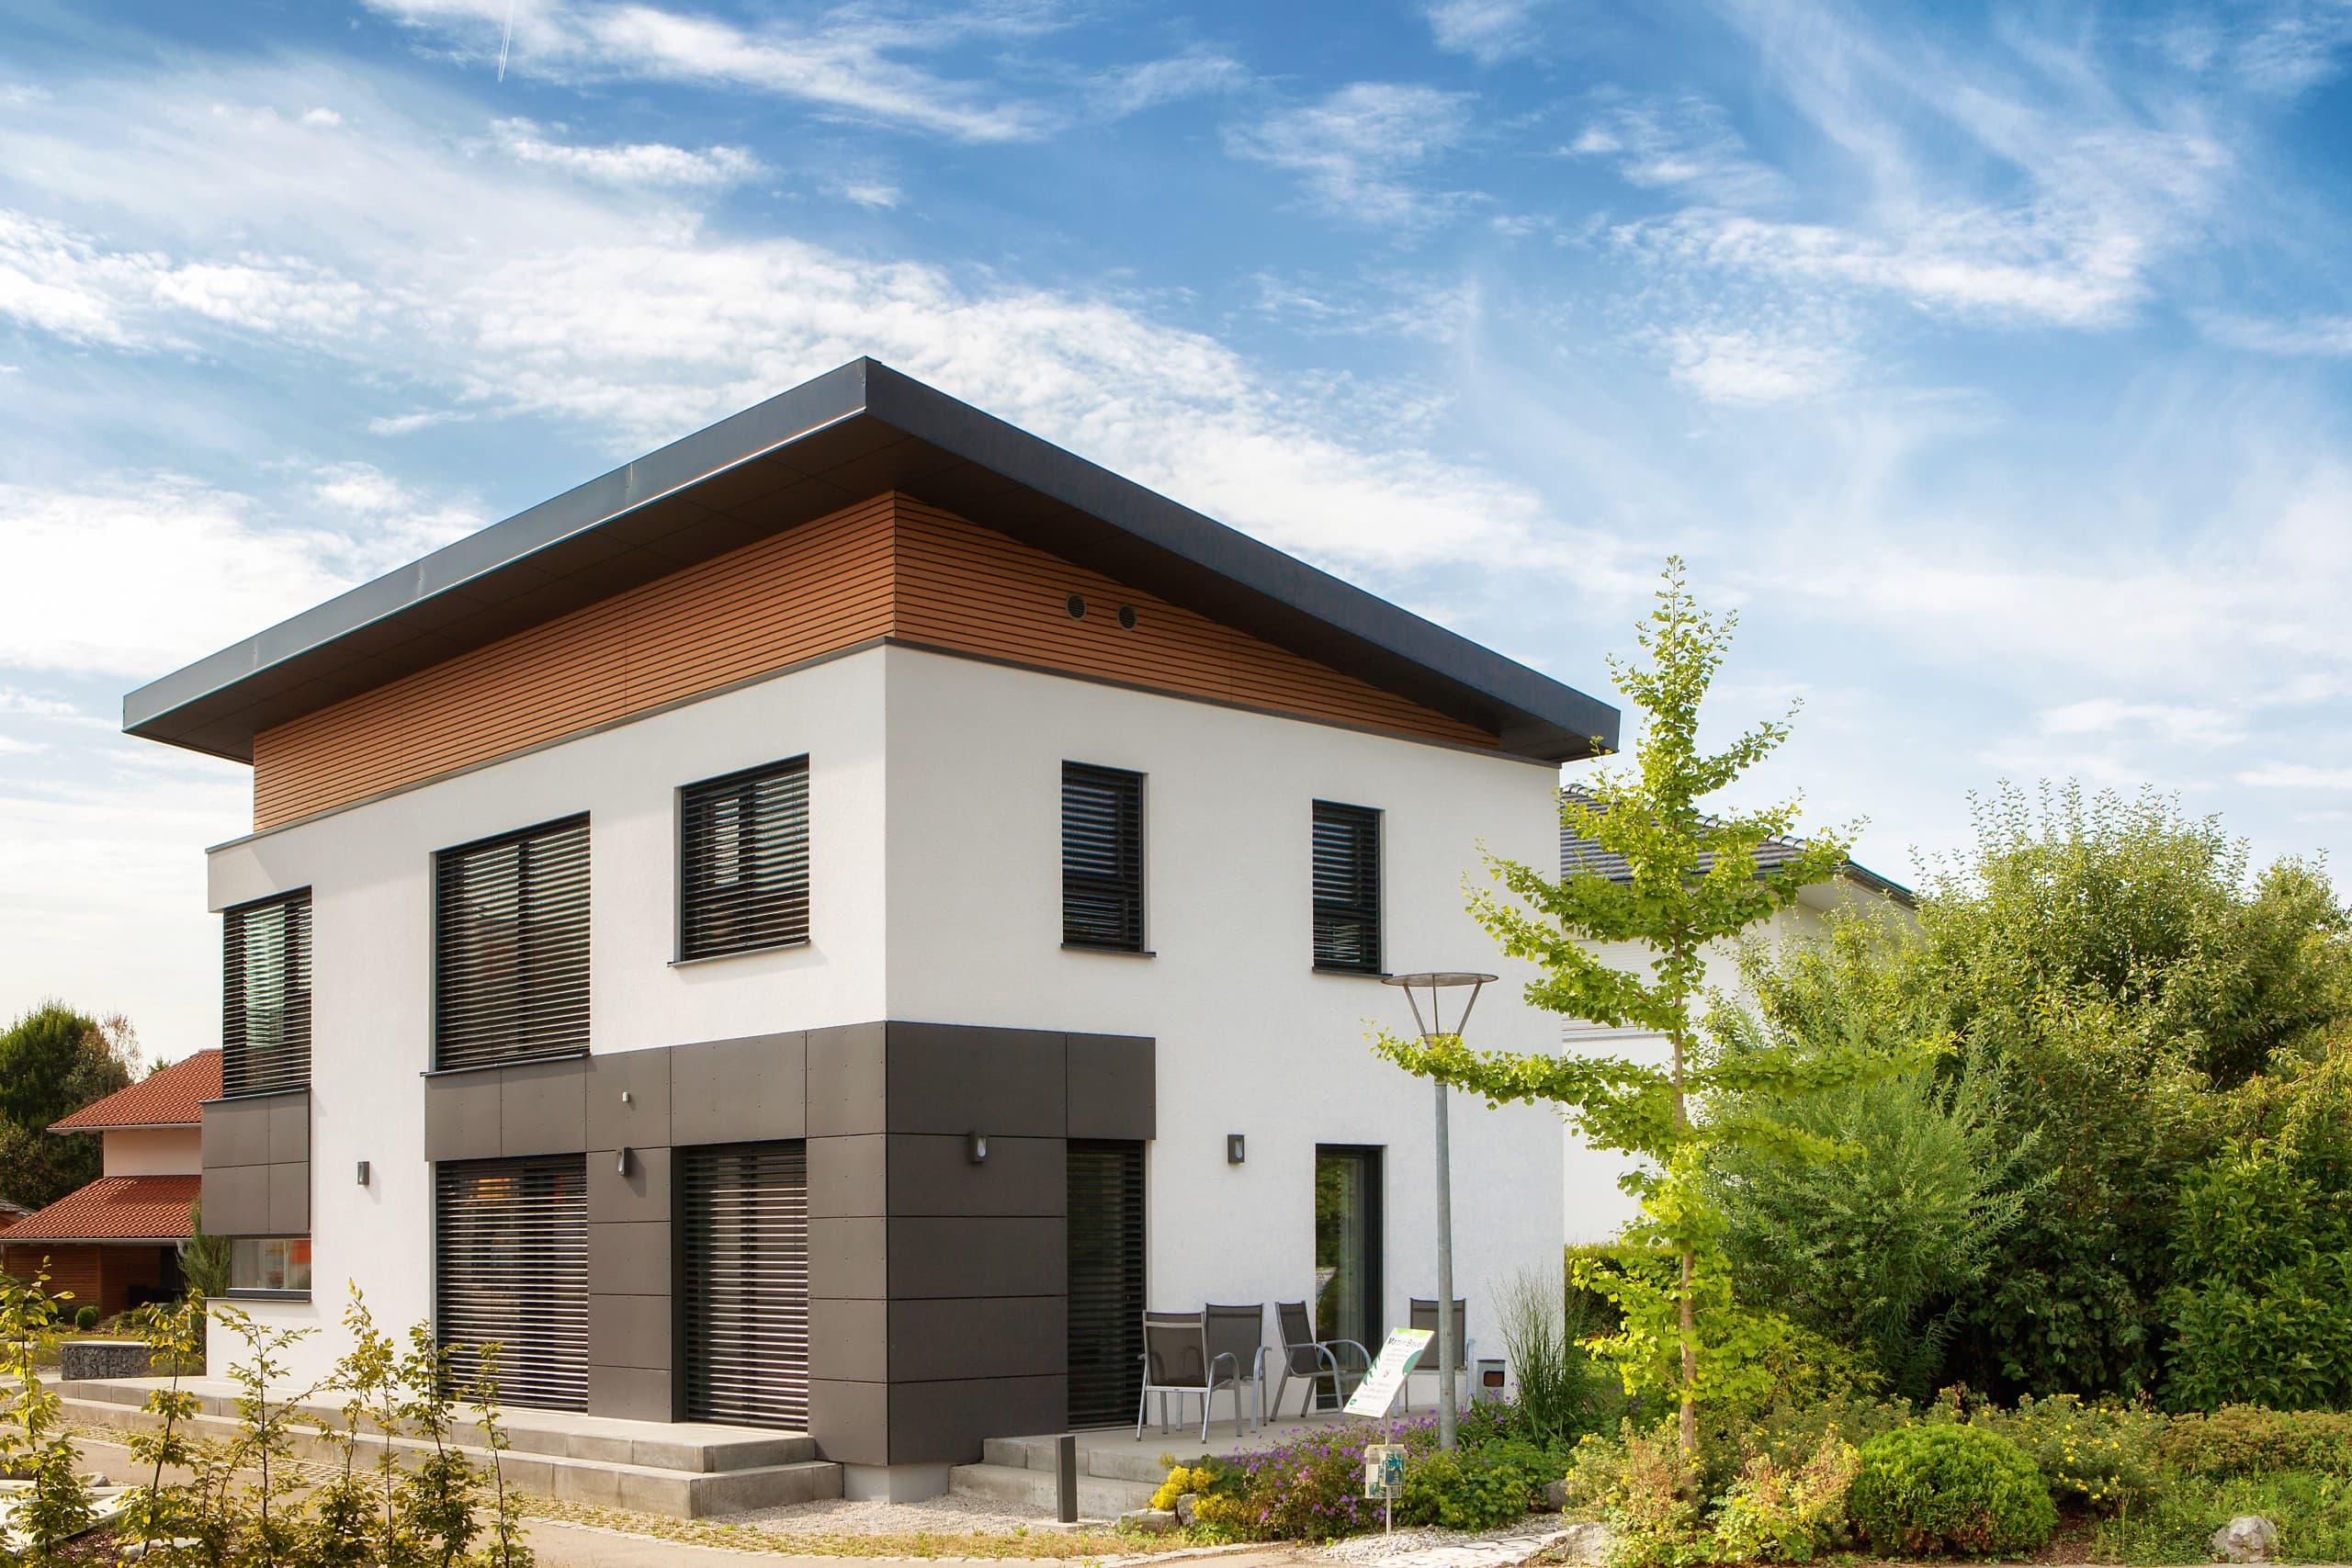 wolf haus osterhofen wolf haus musterhauspark in osterhofen bauratgeber deutschland wolf. Black Bedroom Furniture Sets. Home Design Ideas